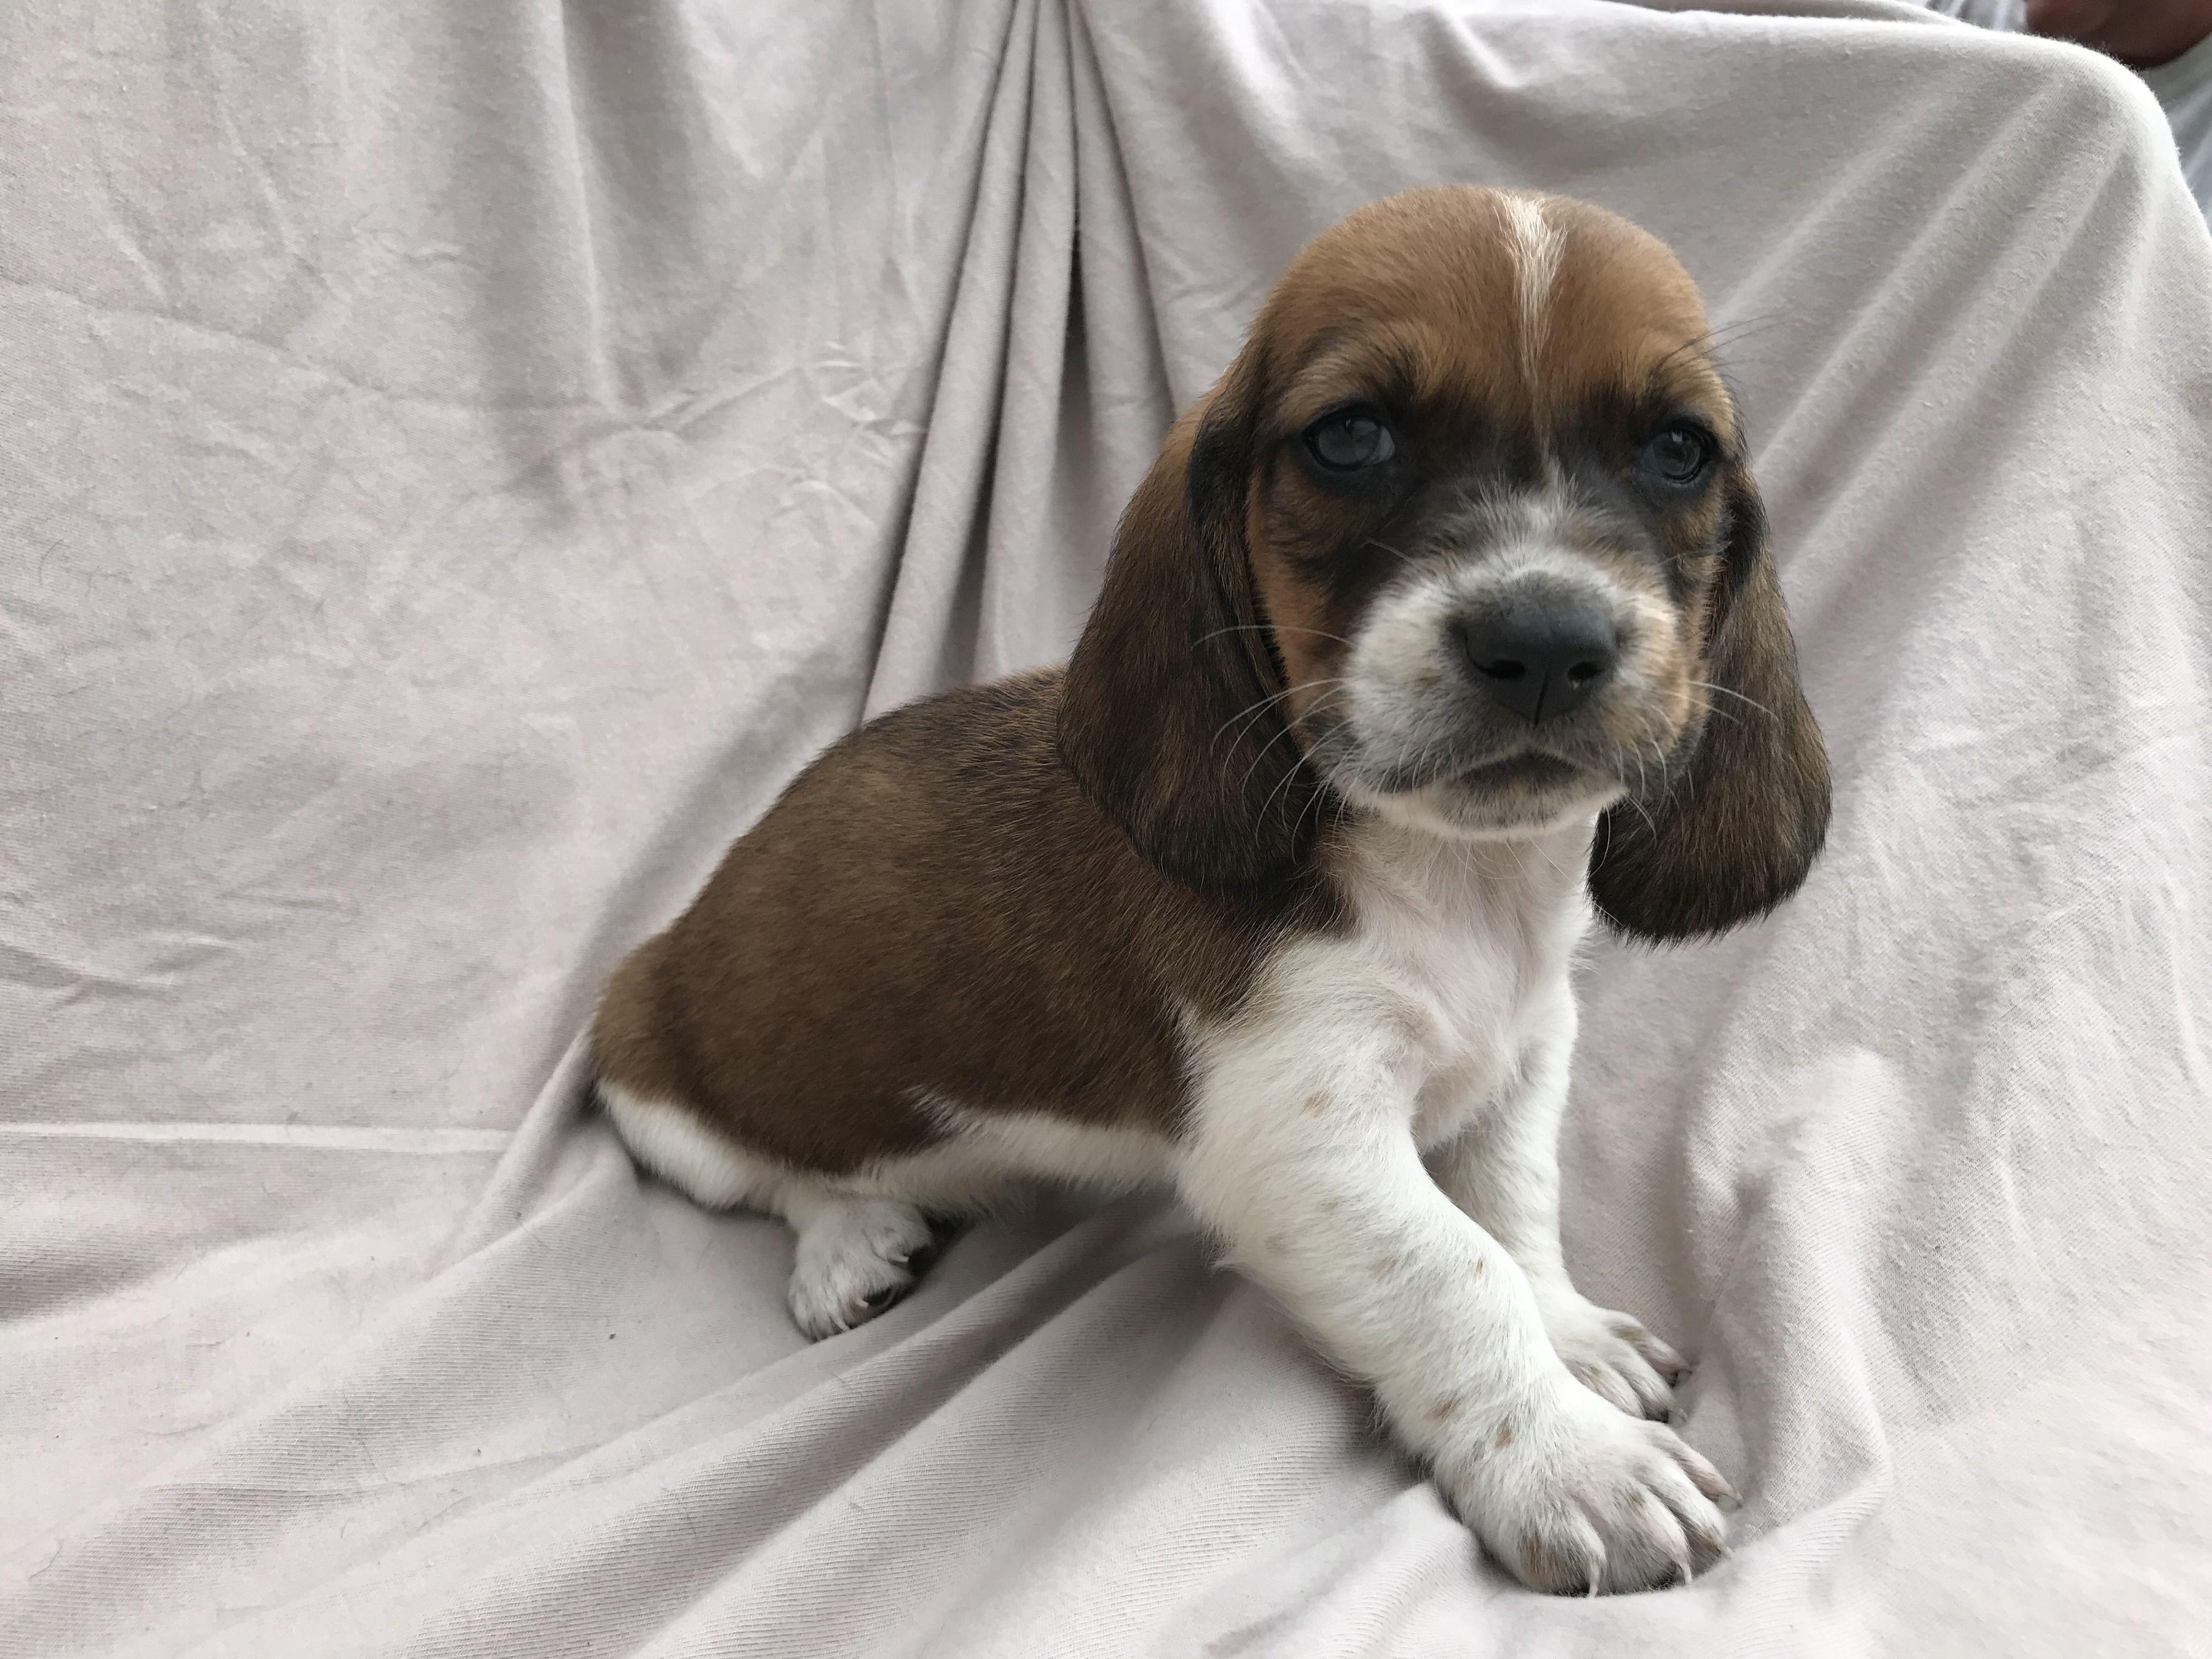 Basset Hound Puppies image 1